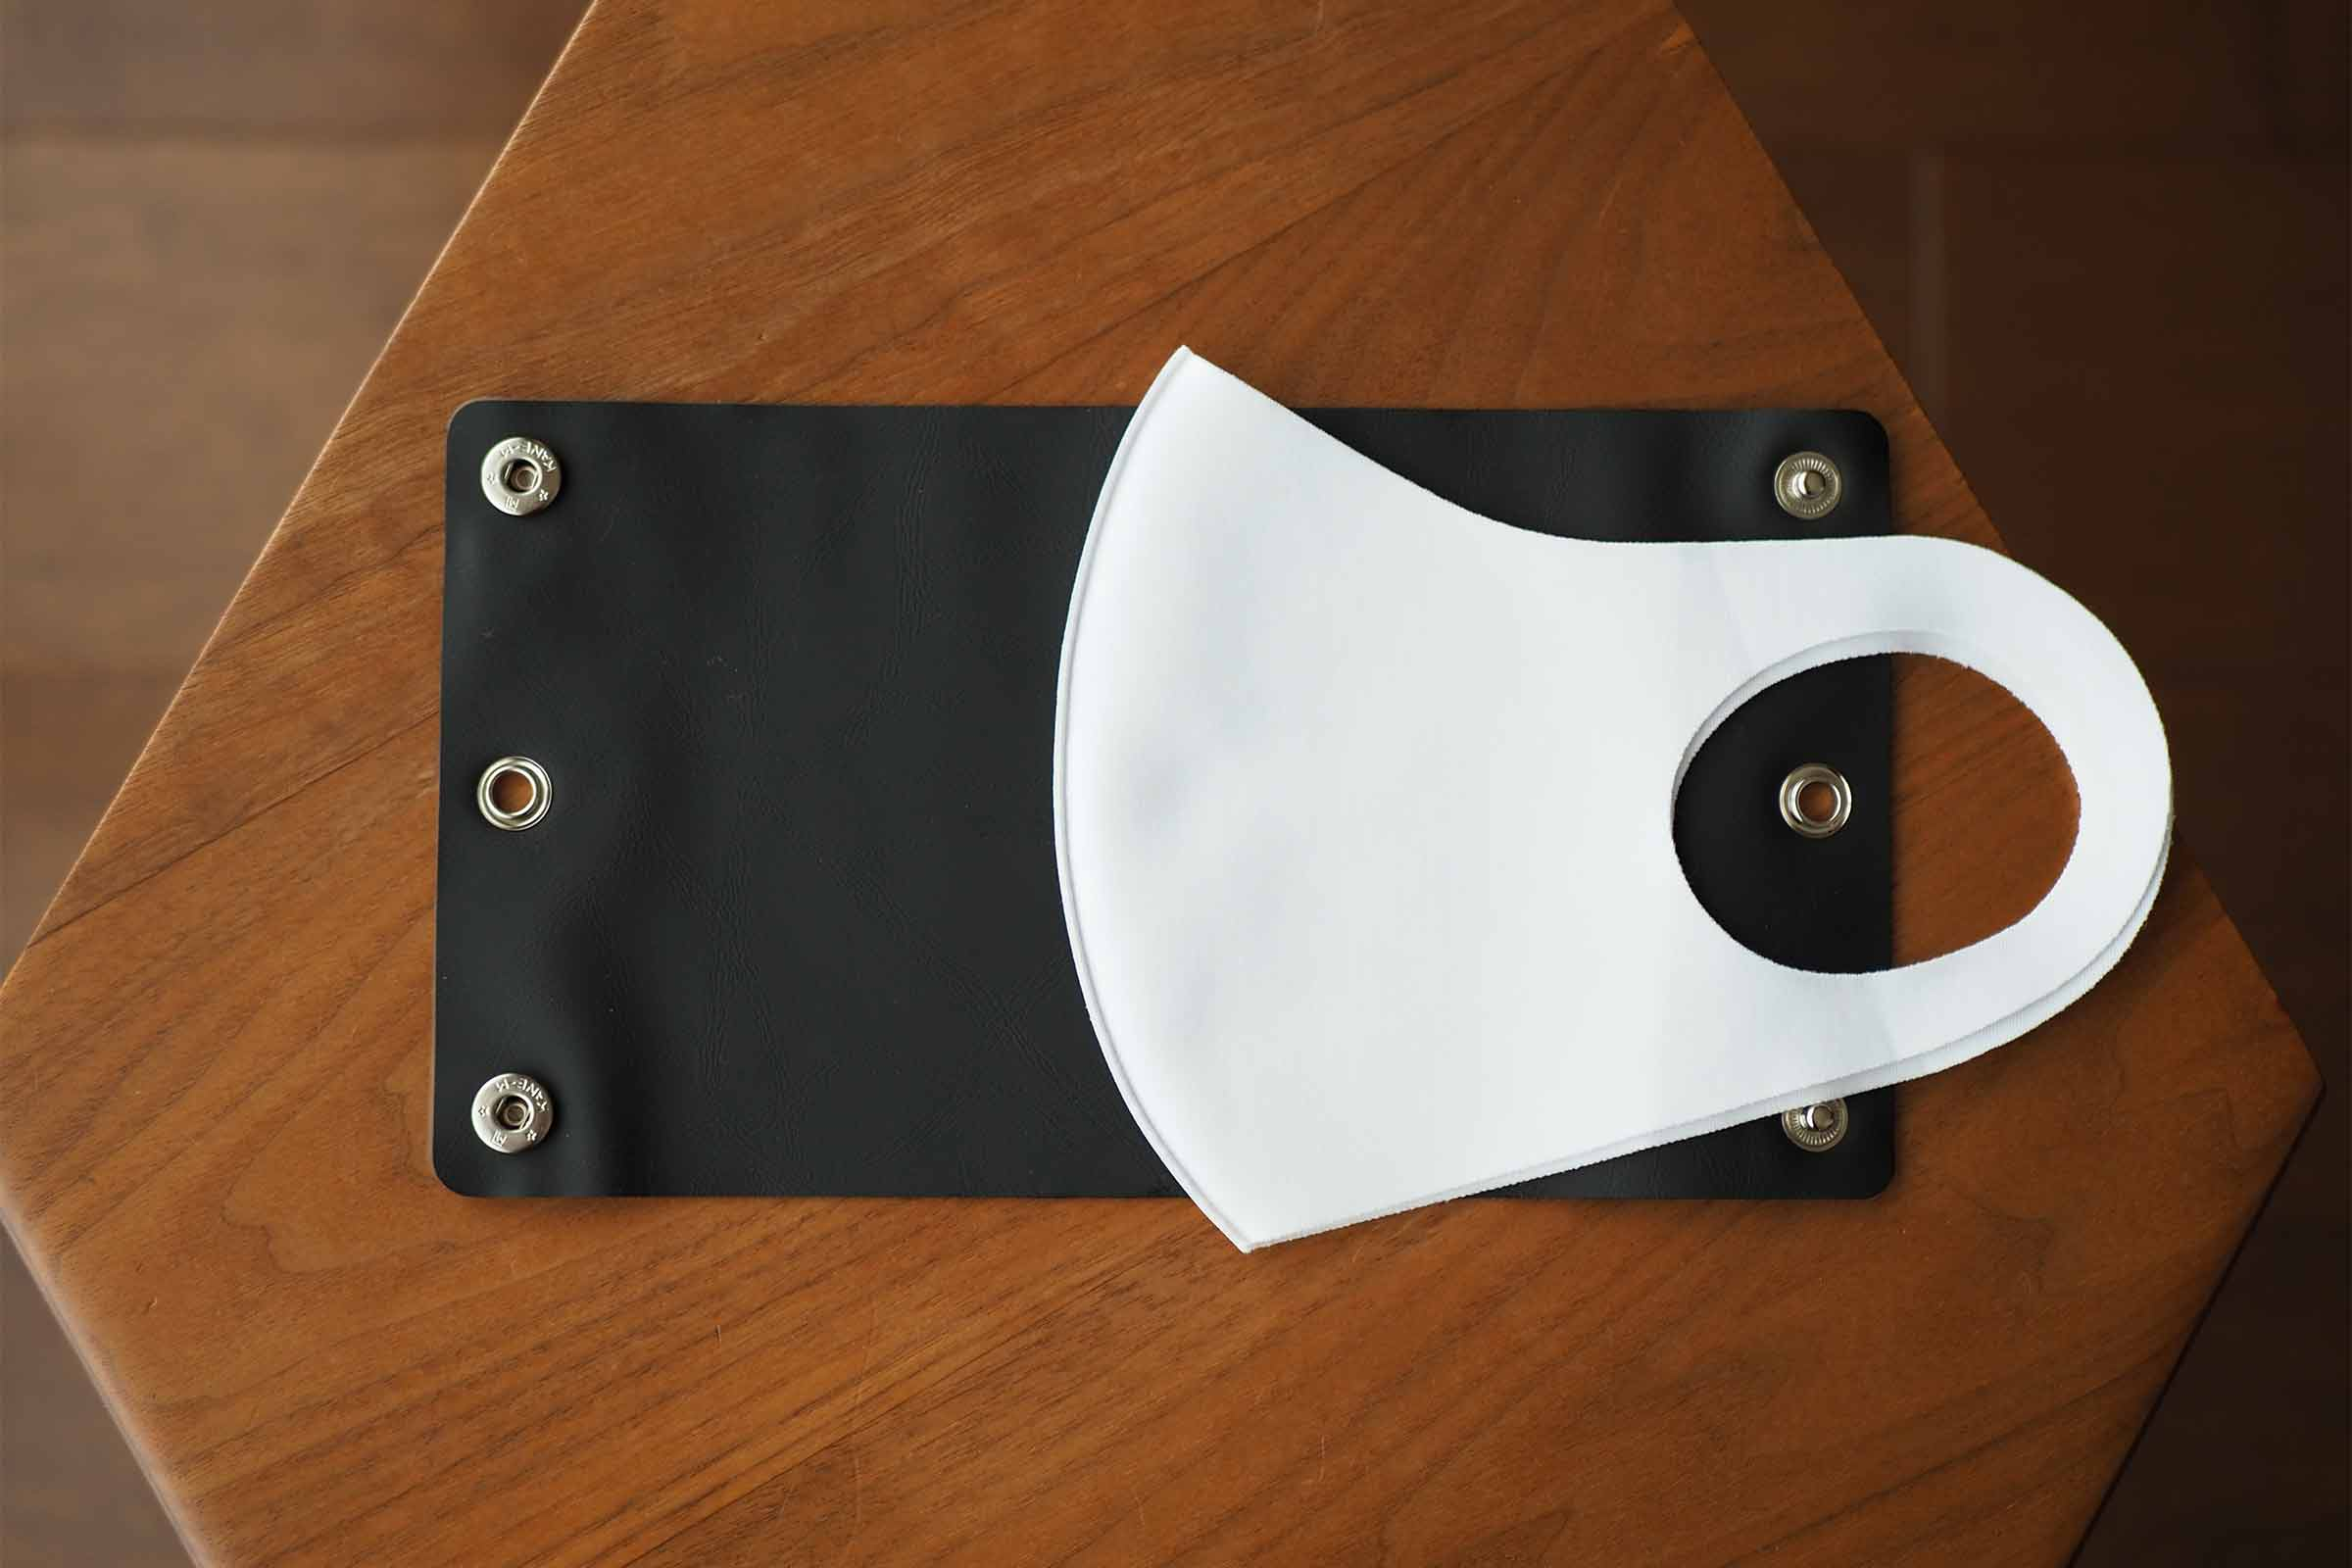 マスクケース,マスクホルダー,黒,安い,タイプ